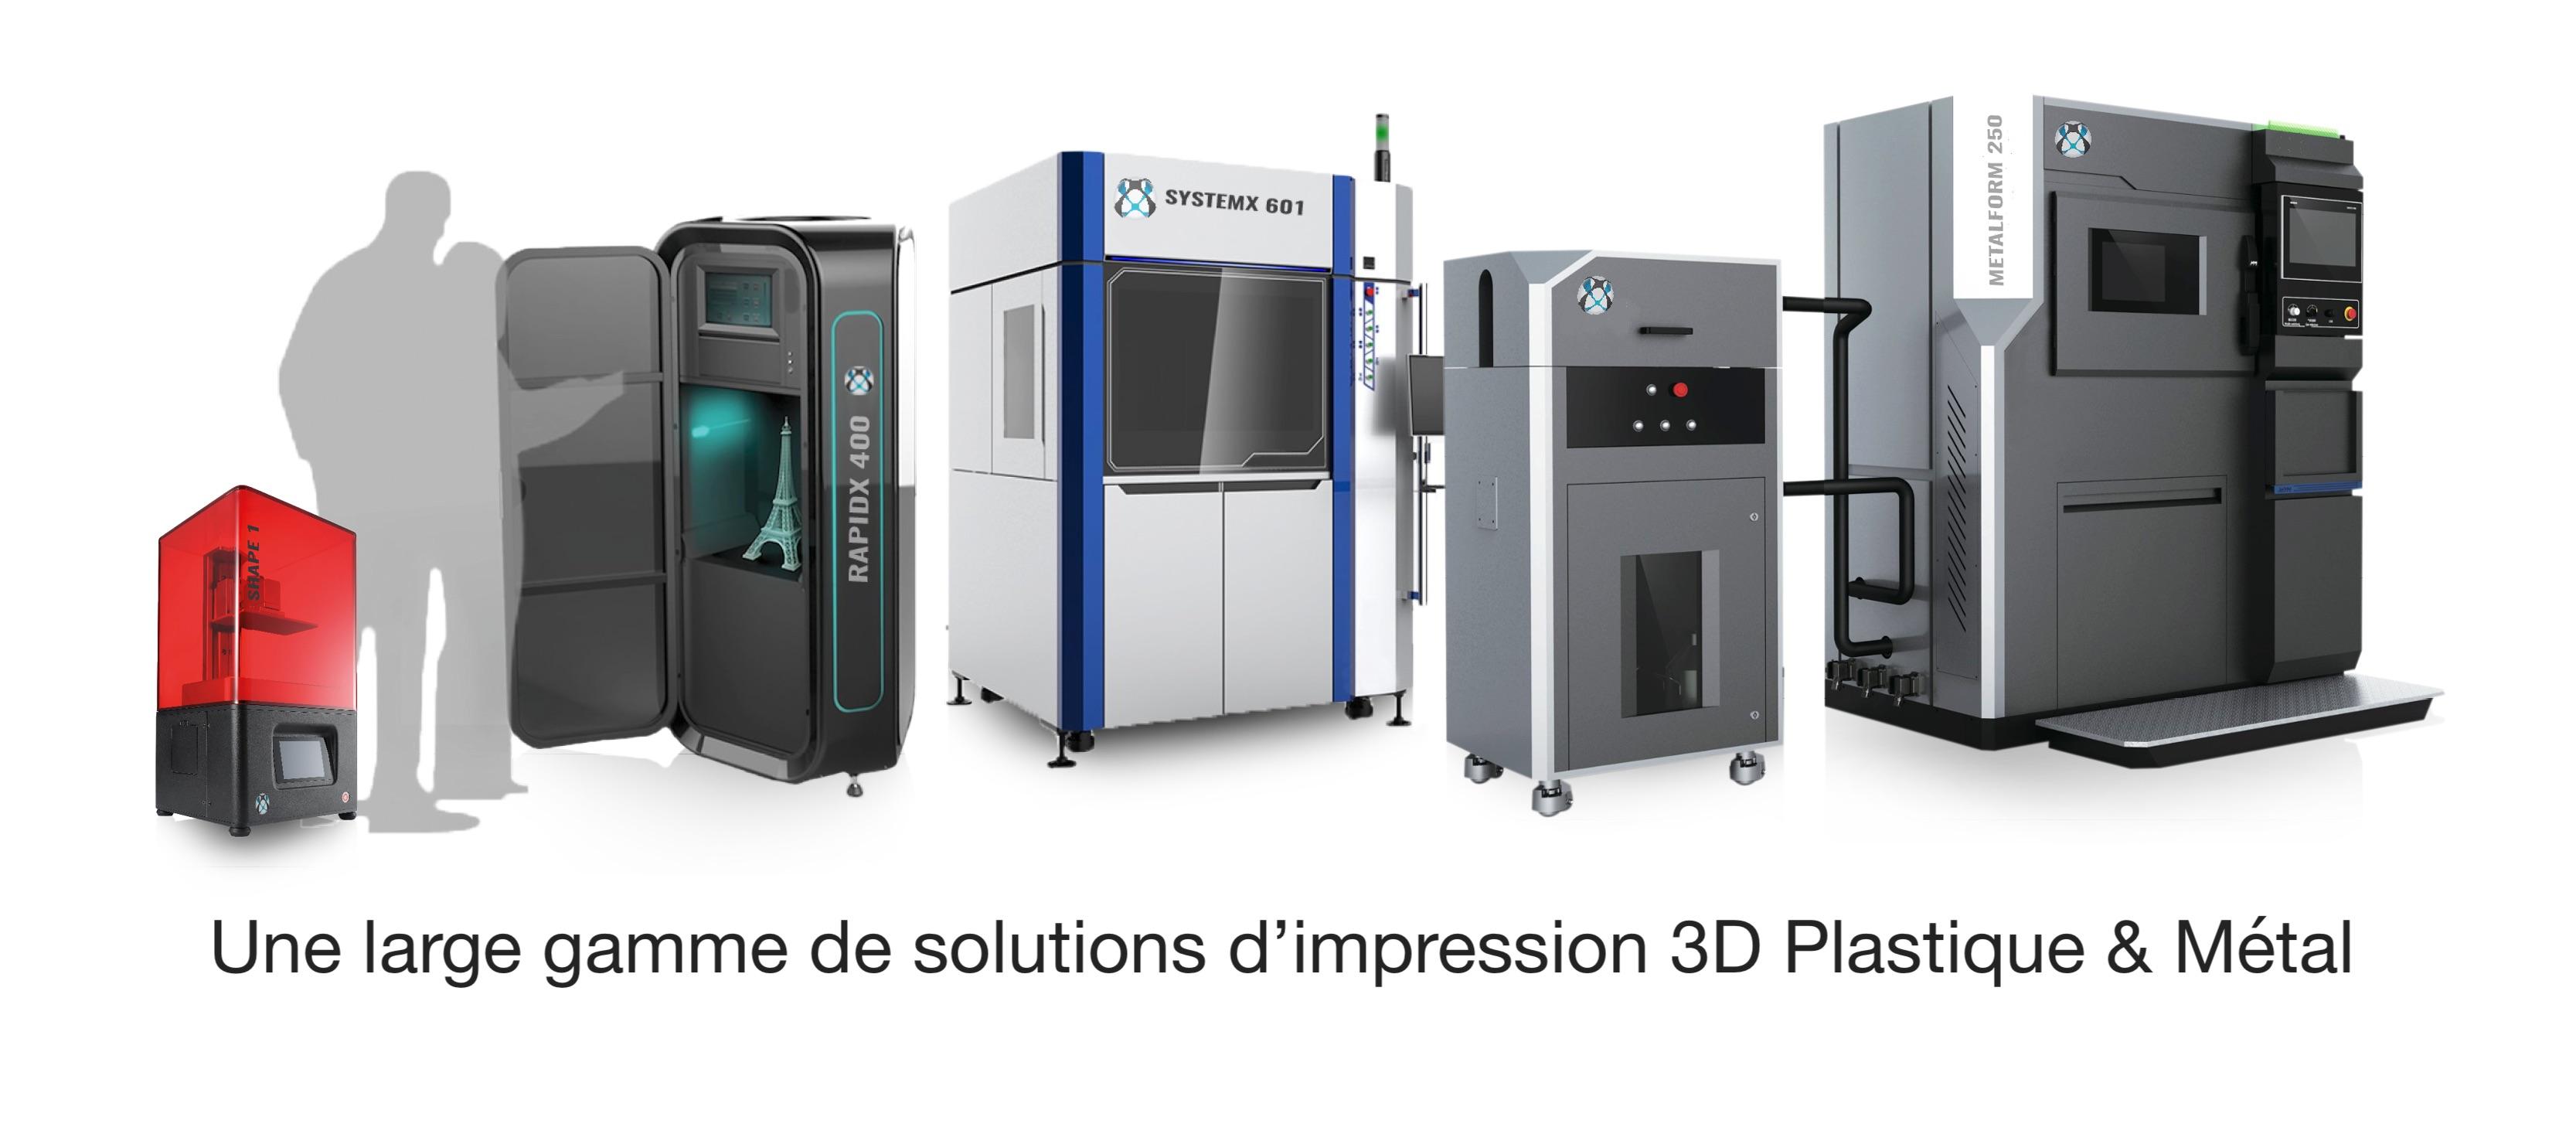 Imprimantes 3D plastique & métal